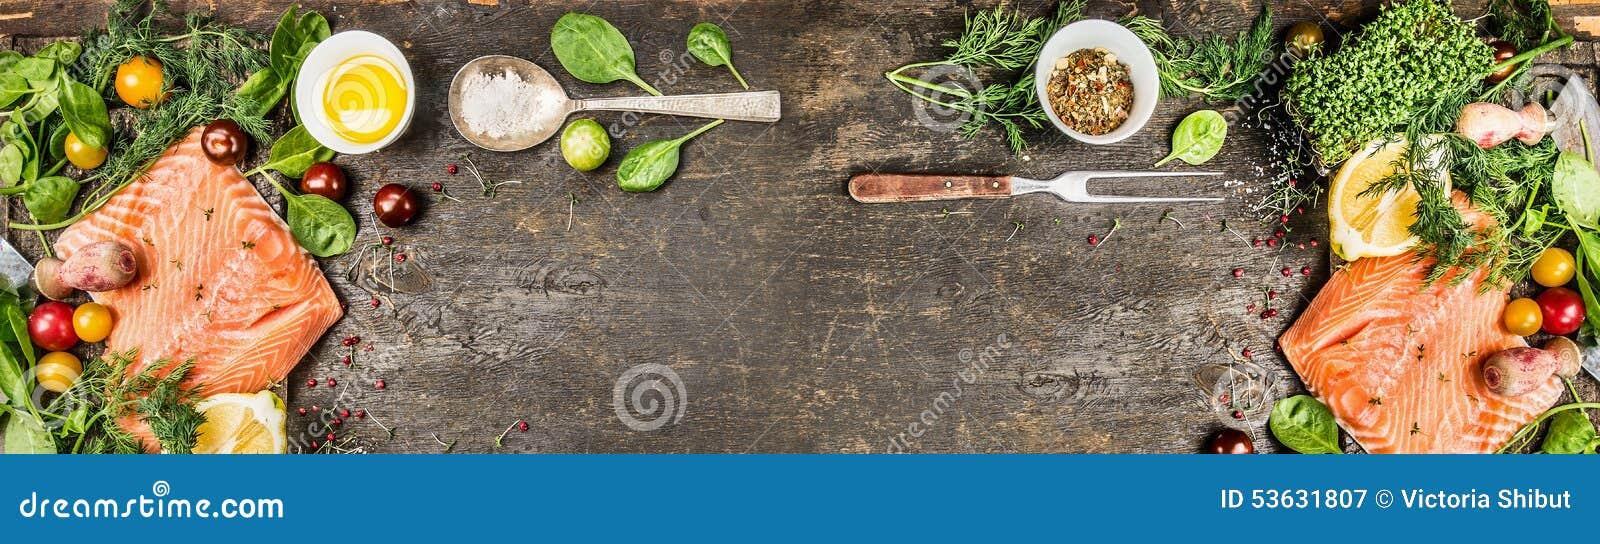 Raccordo di color salmone crudo con la cottura degli ingredienti: lubrifichi, condimento, cucchiaio e forchetta freschi su fondo